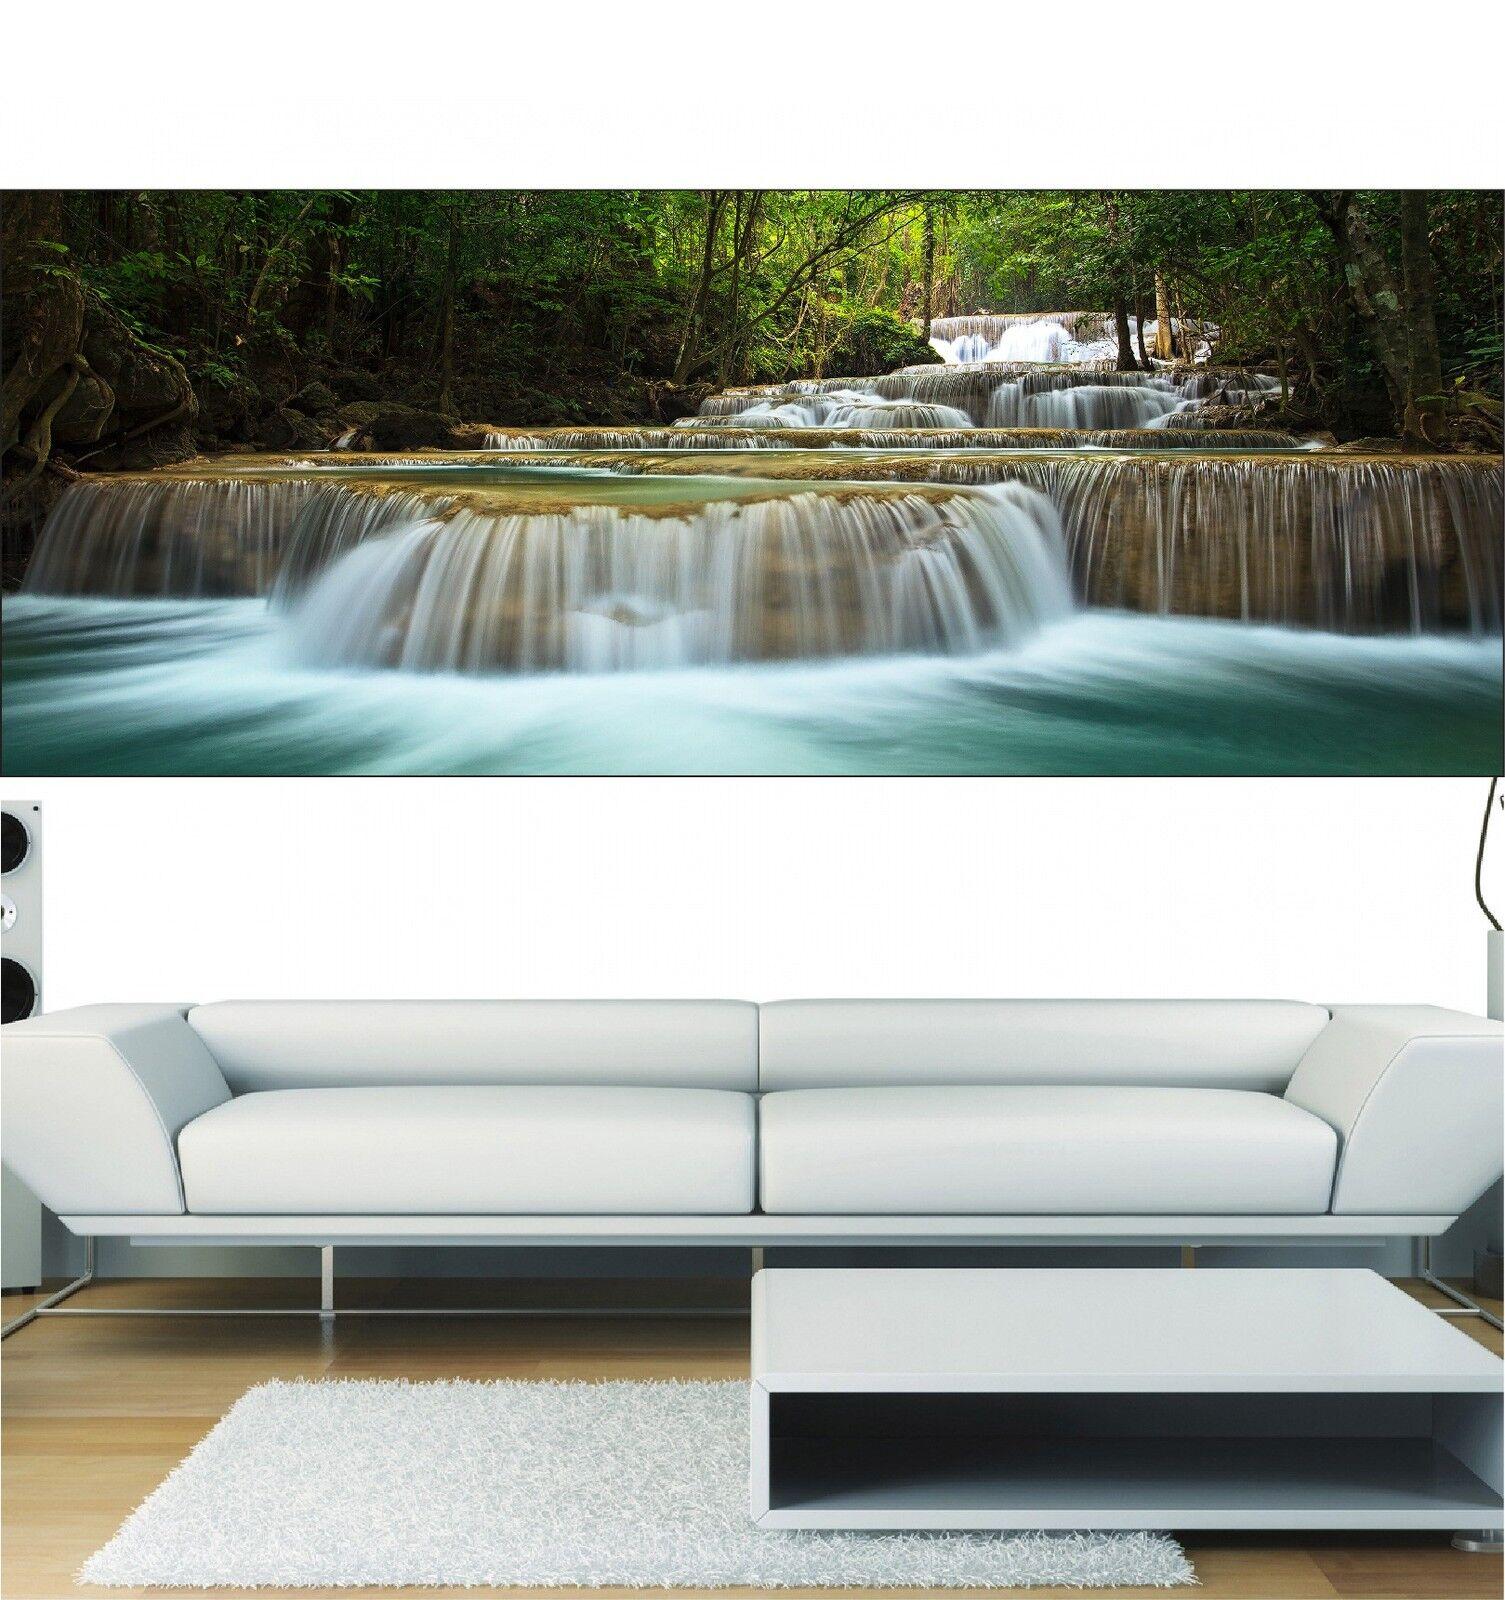 Papel pintado panorámica Cascada de agua 3692 Arte decoración Pegatinas